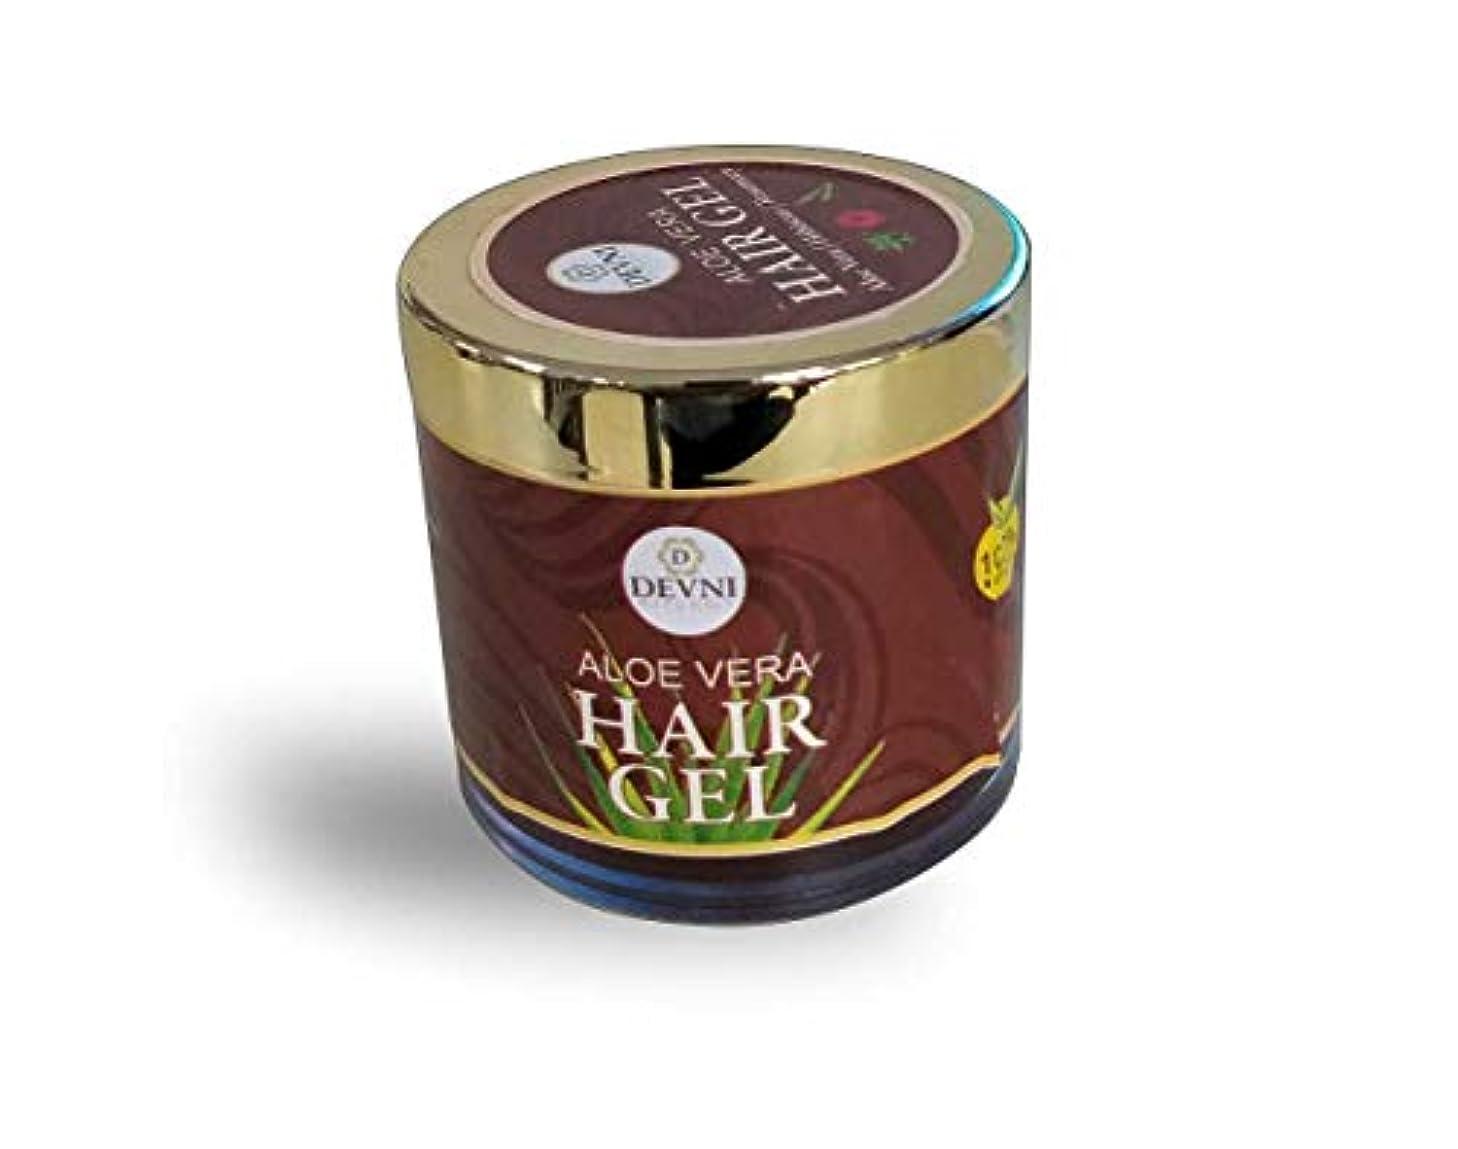 ミュート紳士気取りの、きざな子供達Aloe Vera Hair Gel 100 gm - 100% natural Hair Gel for stronger Hair Growth - Promotes Scalp Health & Anti Hair...